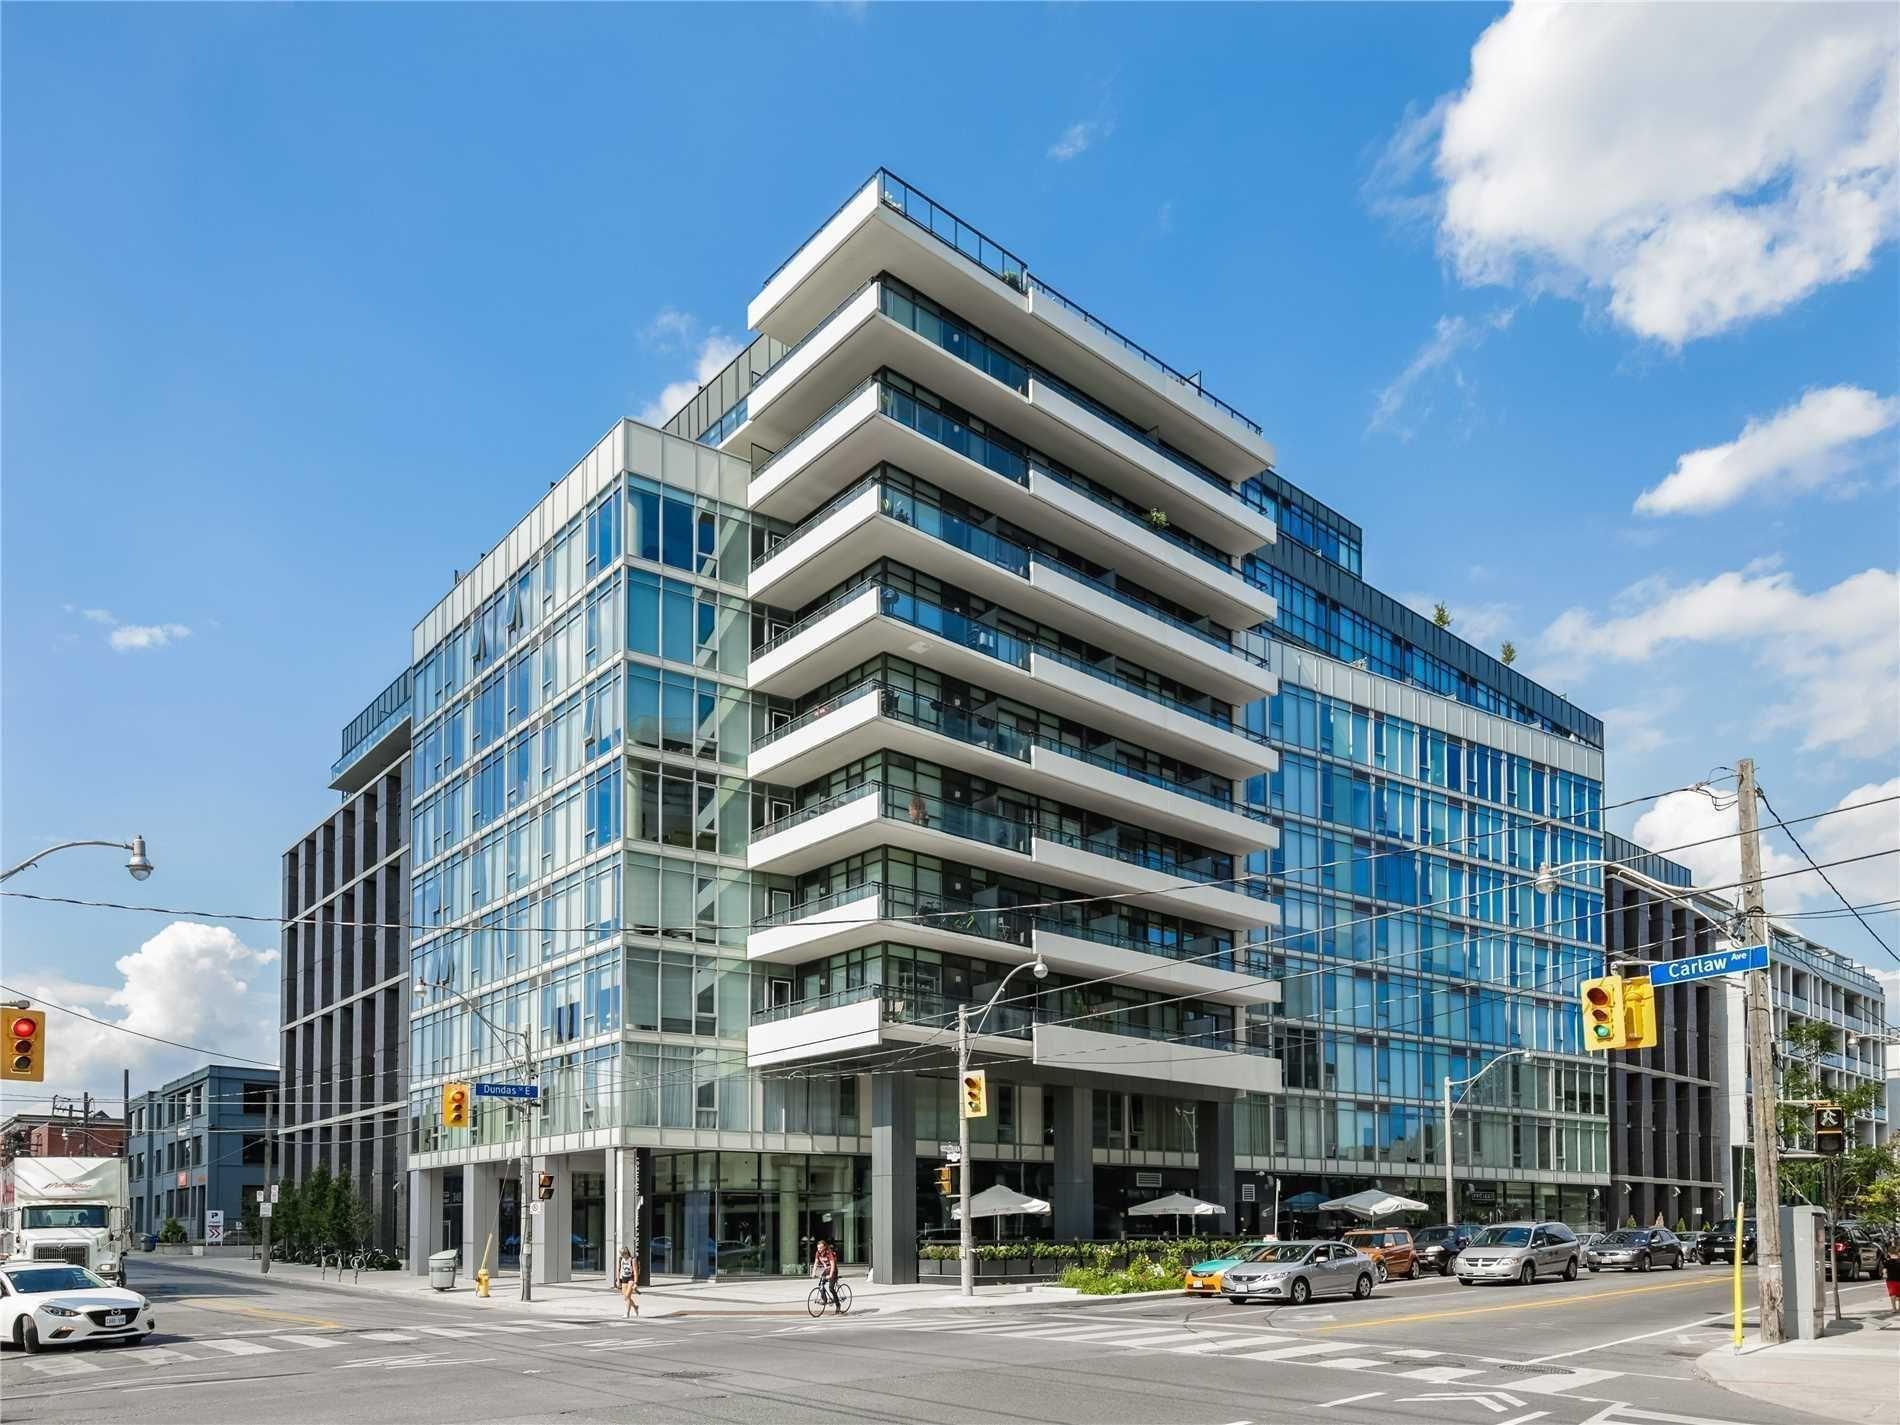 Photo 2: Photos: 722 1190 E Dundas Street in Toronto: South Riverdale Condo for sale (Toronto E01)  : MLS®# E5144551